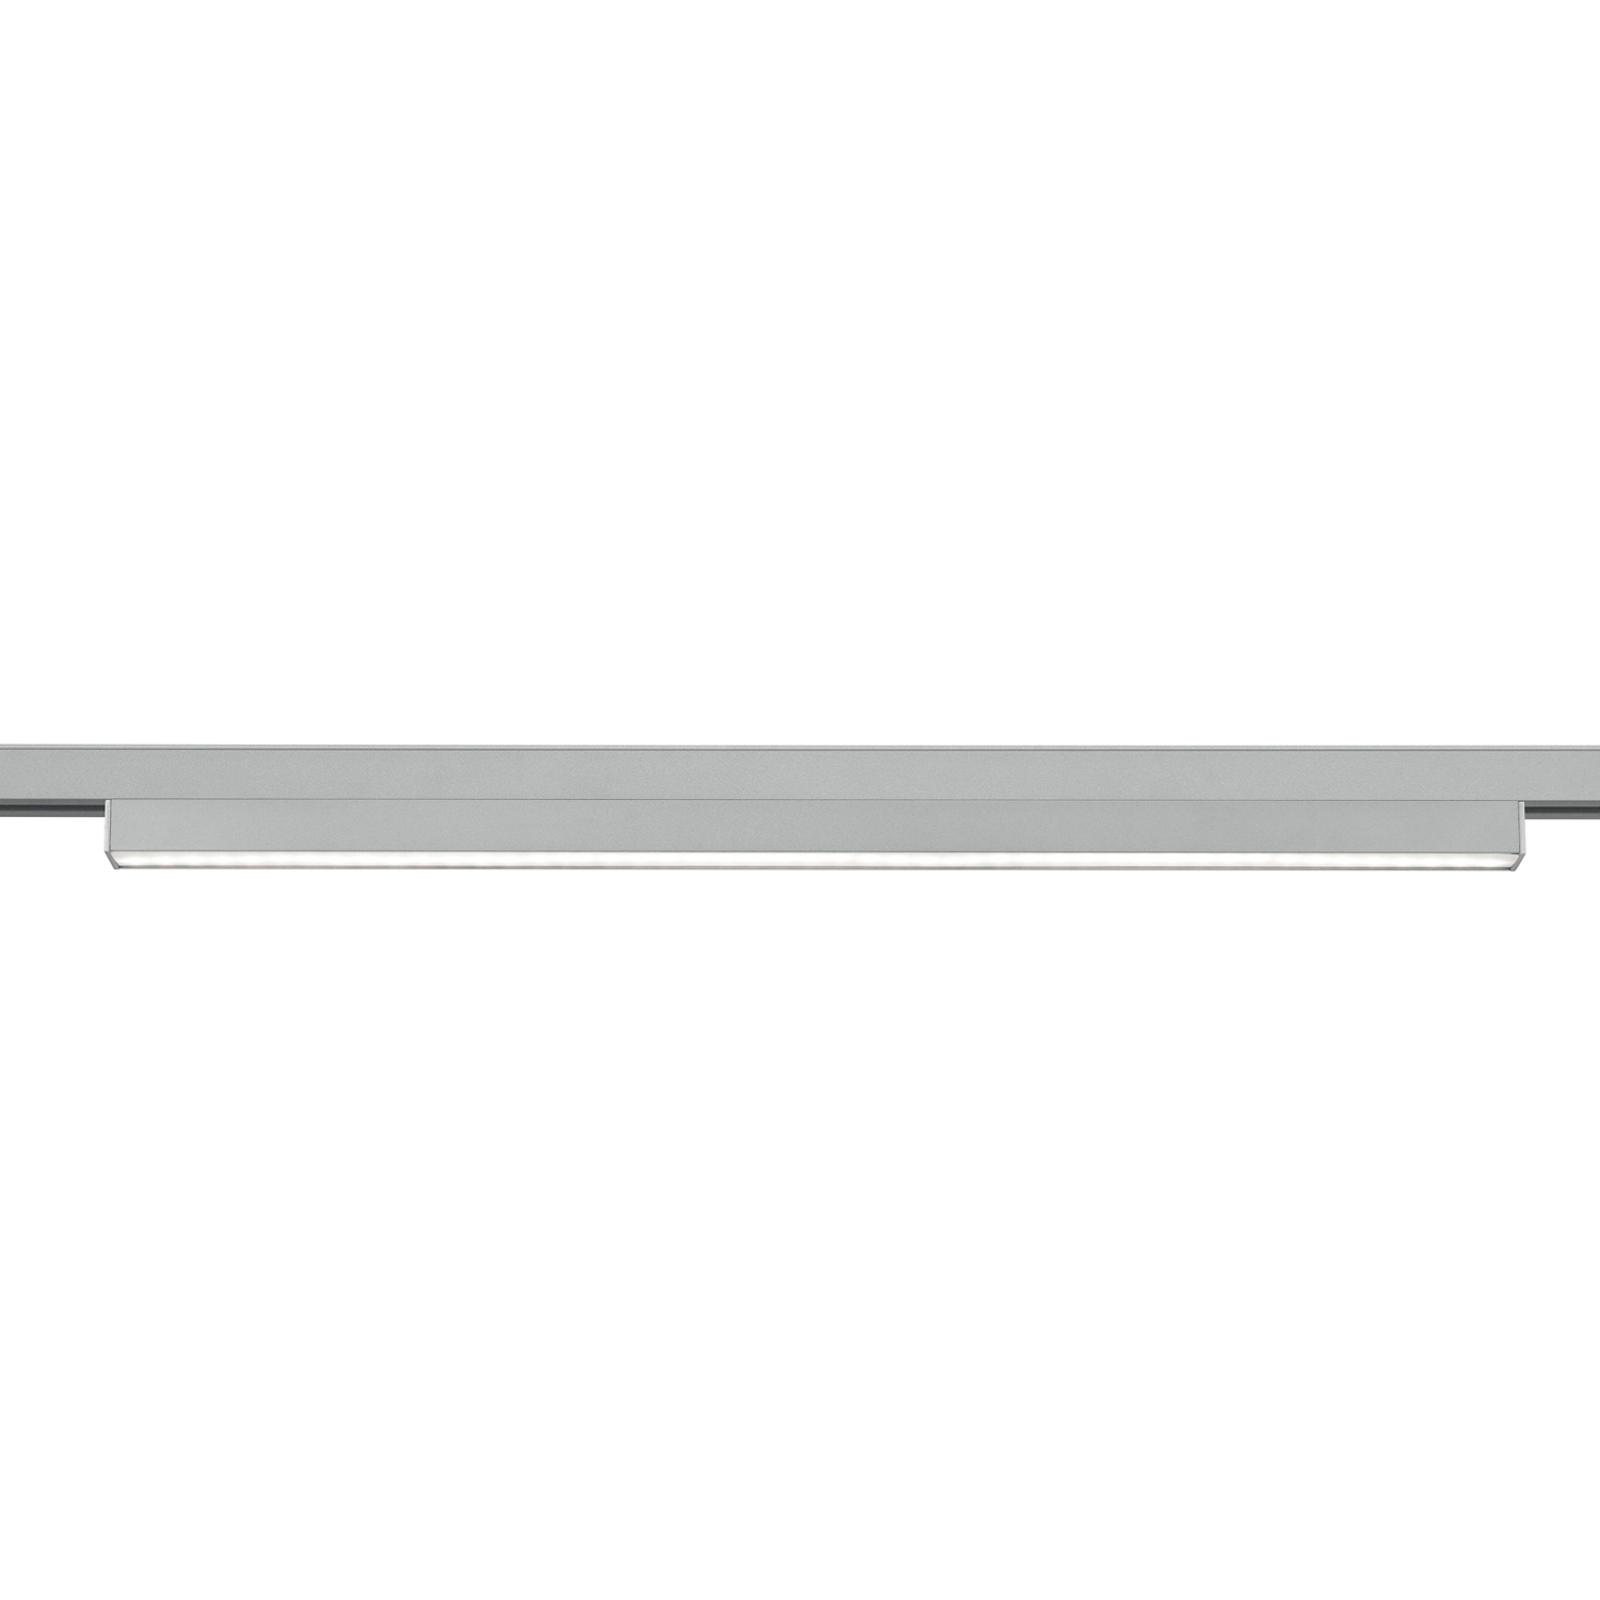 LED-Lichtleiste für DUOline Schienensystem titan